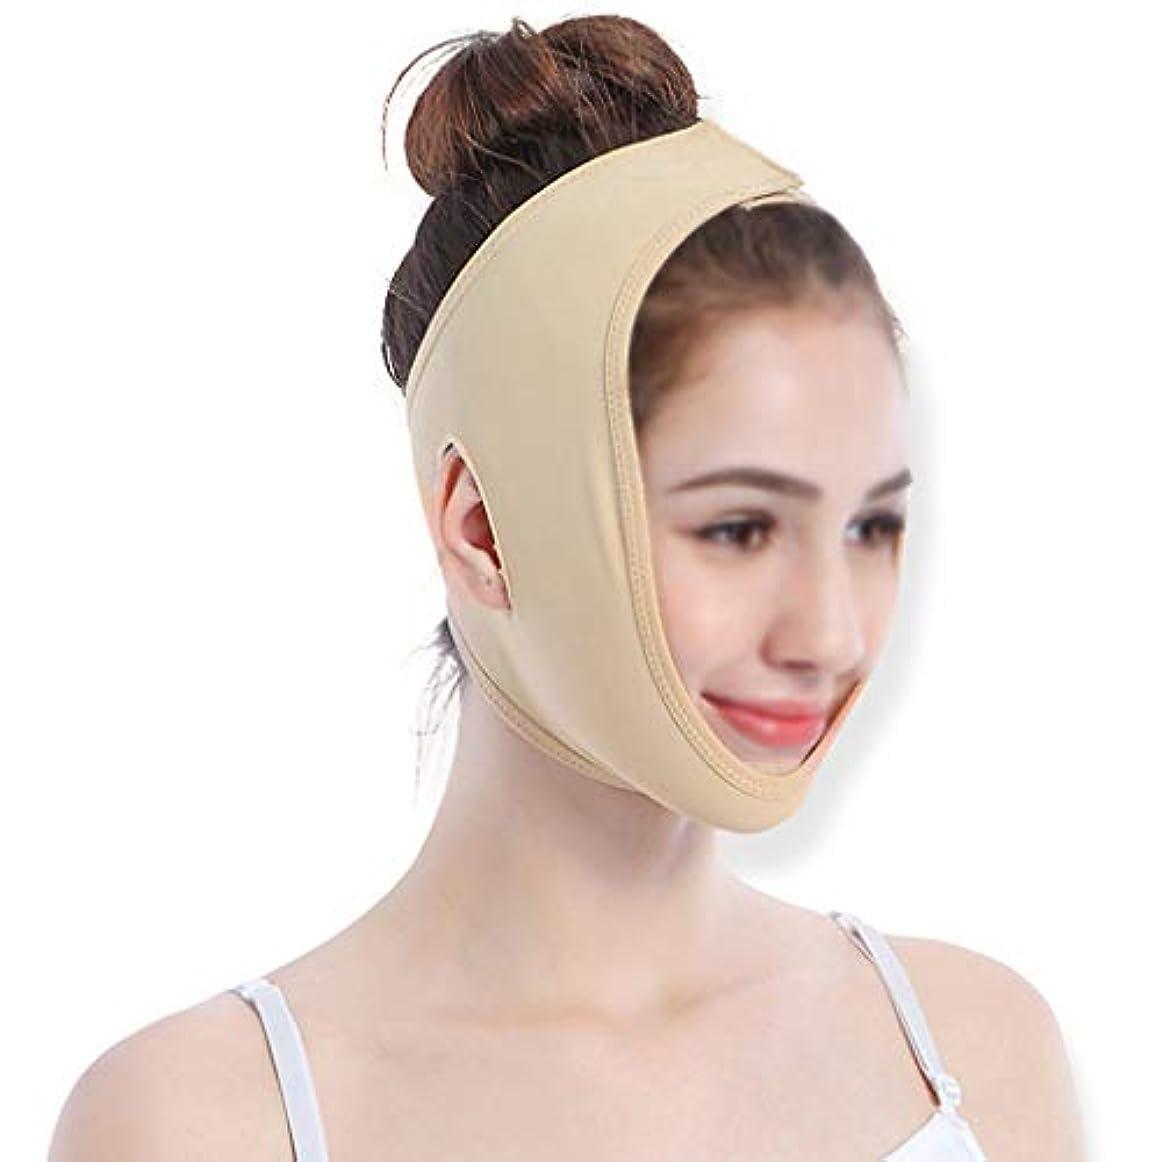 悪意巻き取り事故GLJJQMY スリムな包帯V顔の顔のアーティファクトは、女性と女性のための繊細な顔のしわ防止フェイシャルツールを向上させます 顔用整形マスク (Size : M)